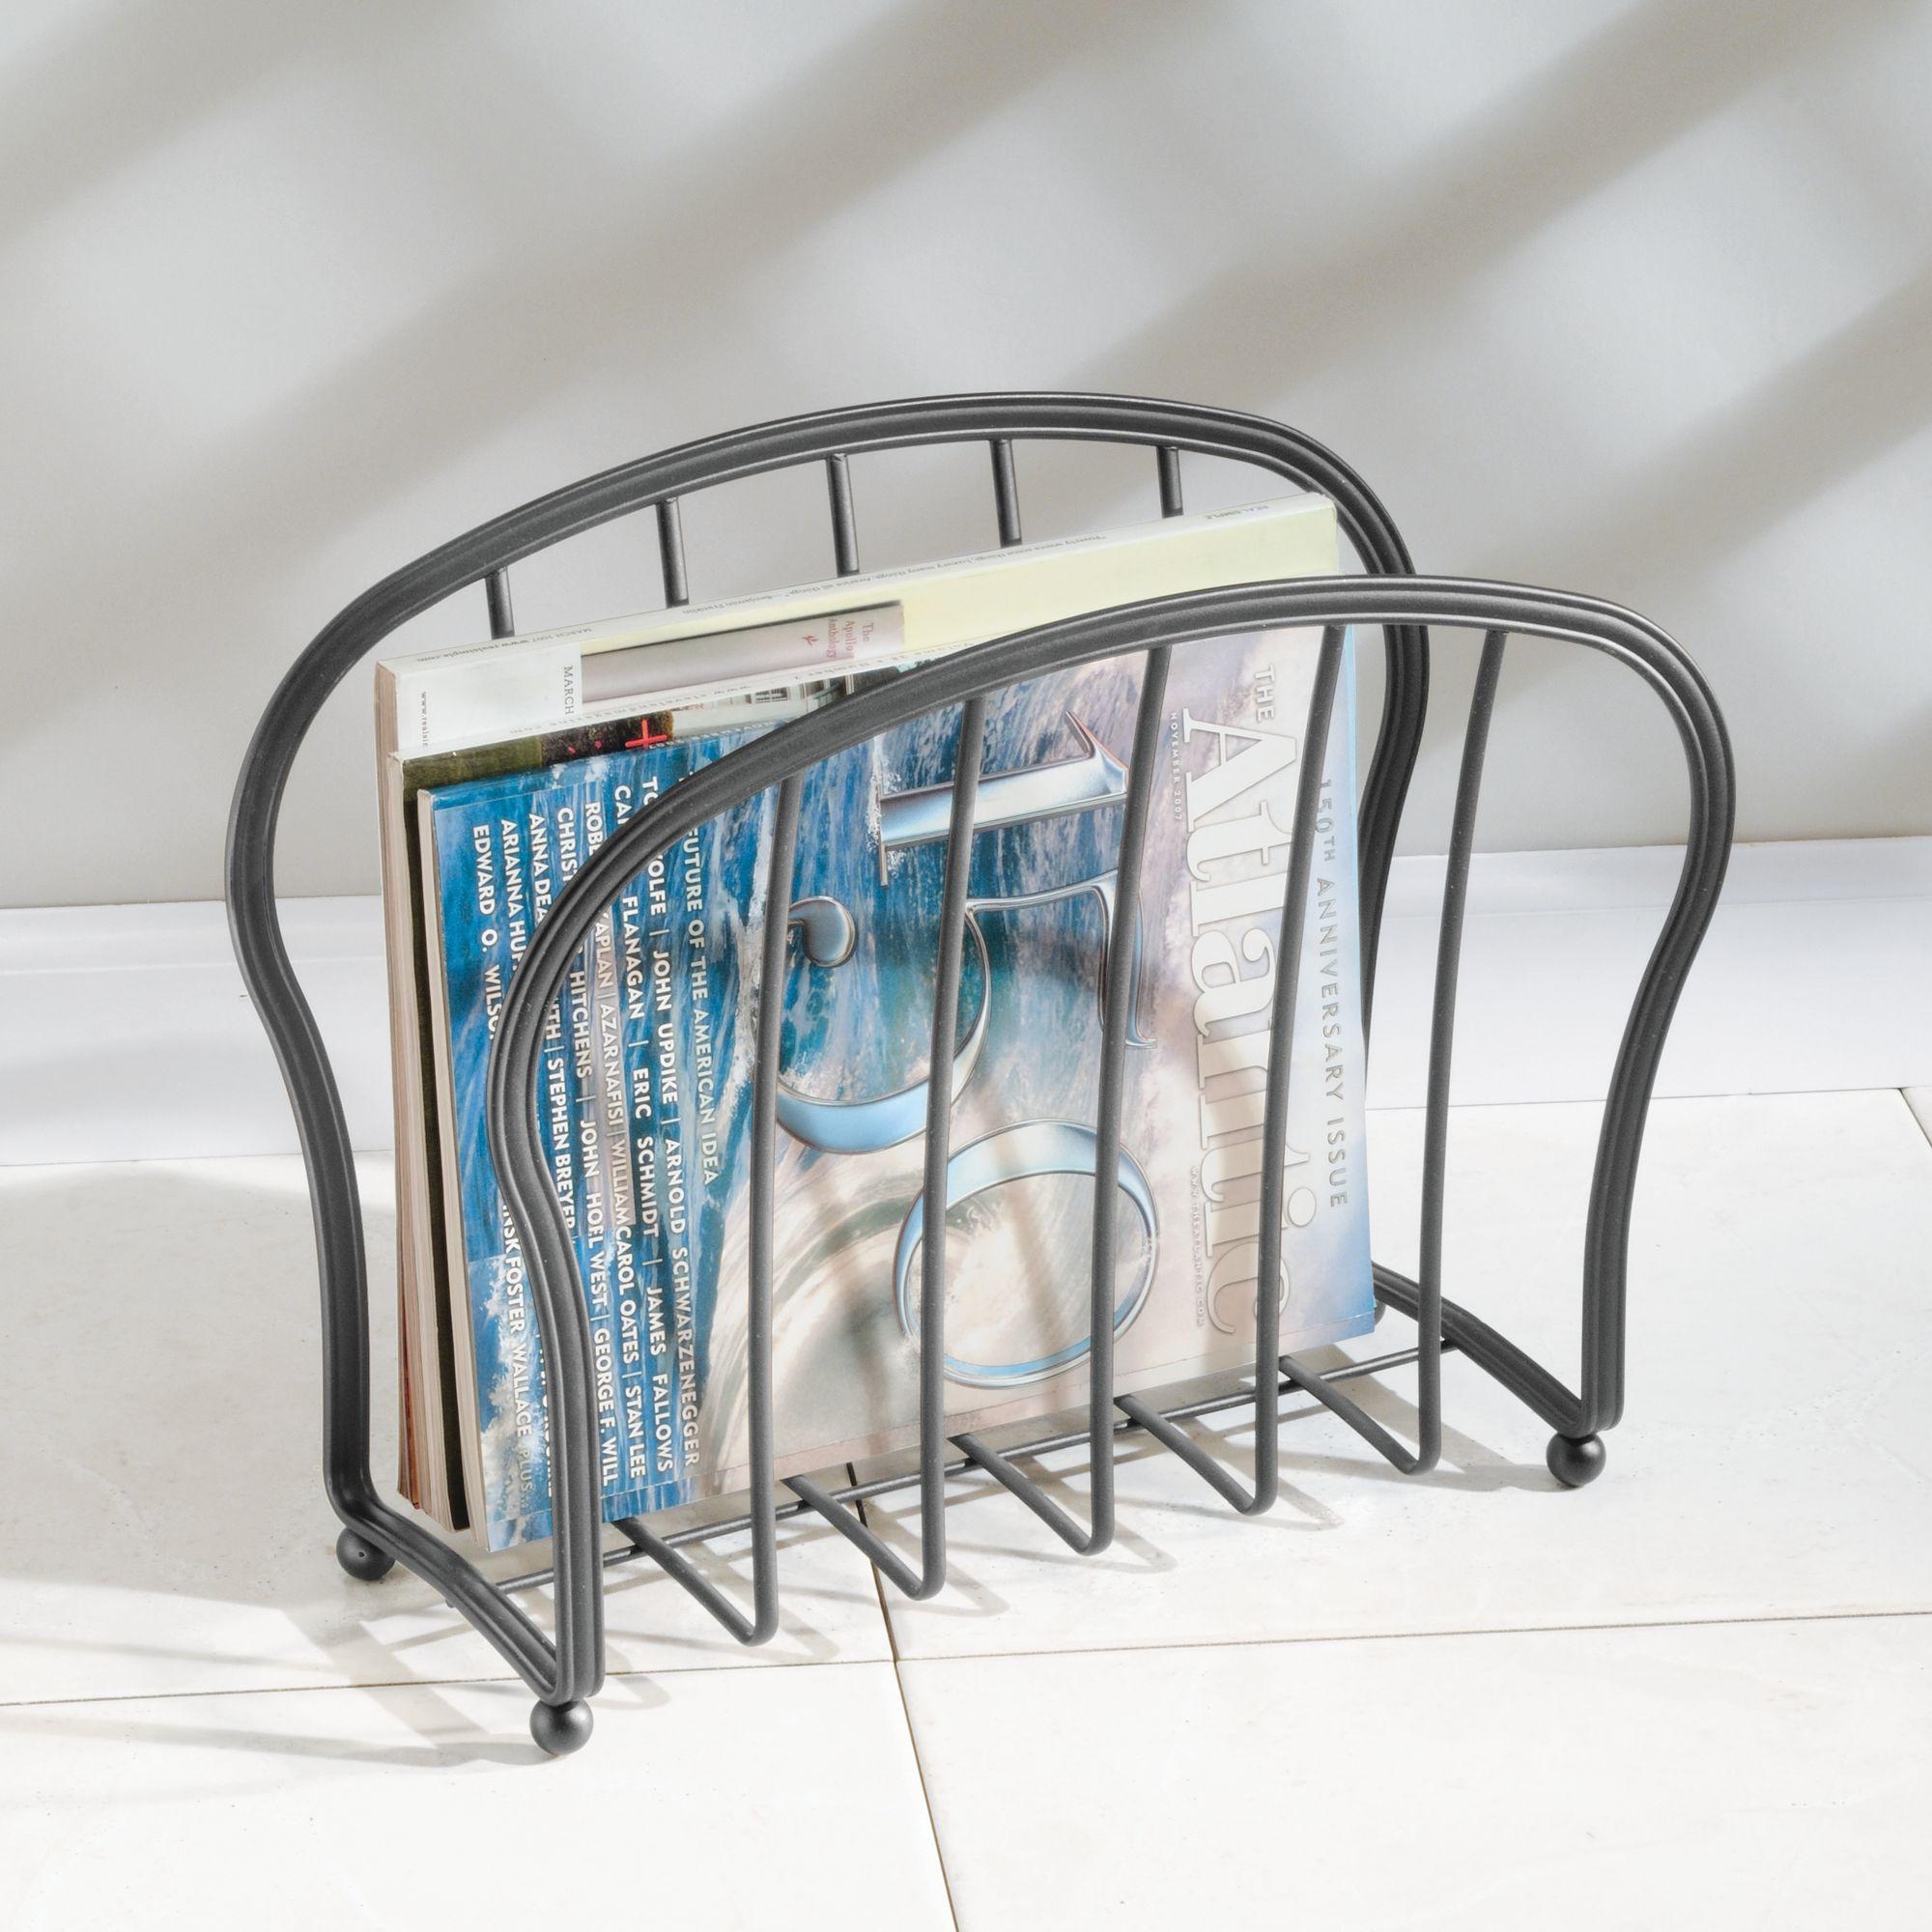 mDesign-Metal-Standing-Rack-Magazine-Holder-for-Bathroom thumbnail 41